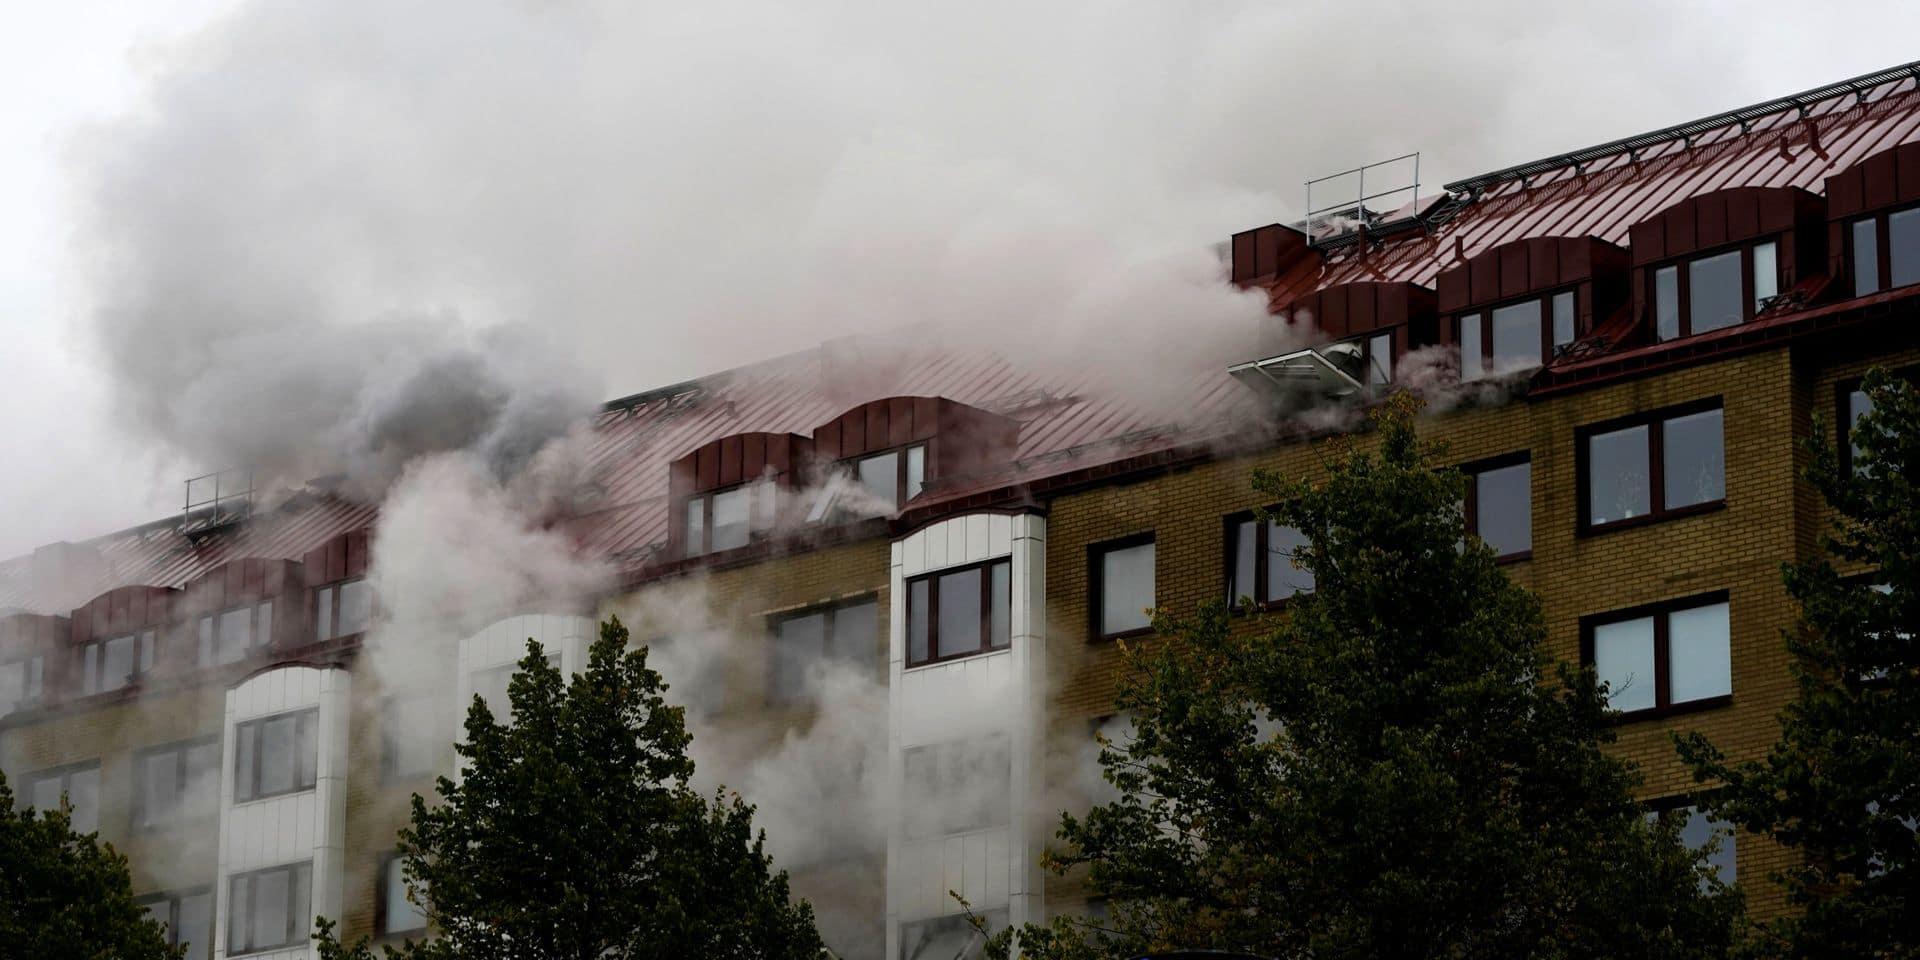 Suède: 16 blessés dans une explosion à Göteborg, la piste criminelle envisagée